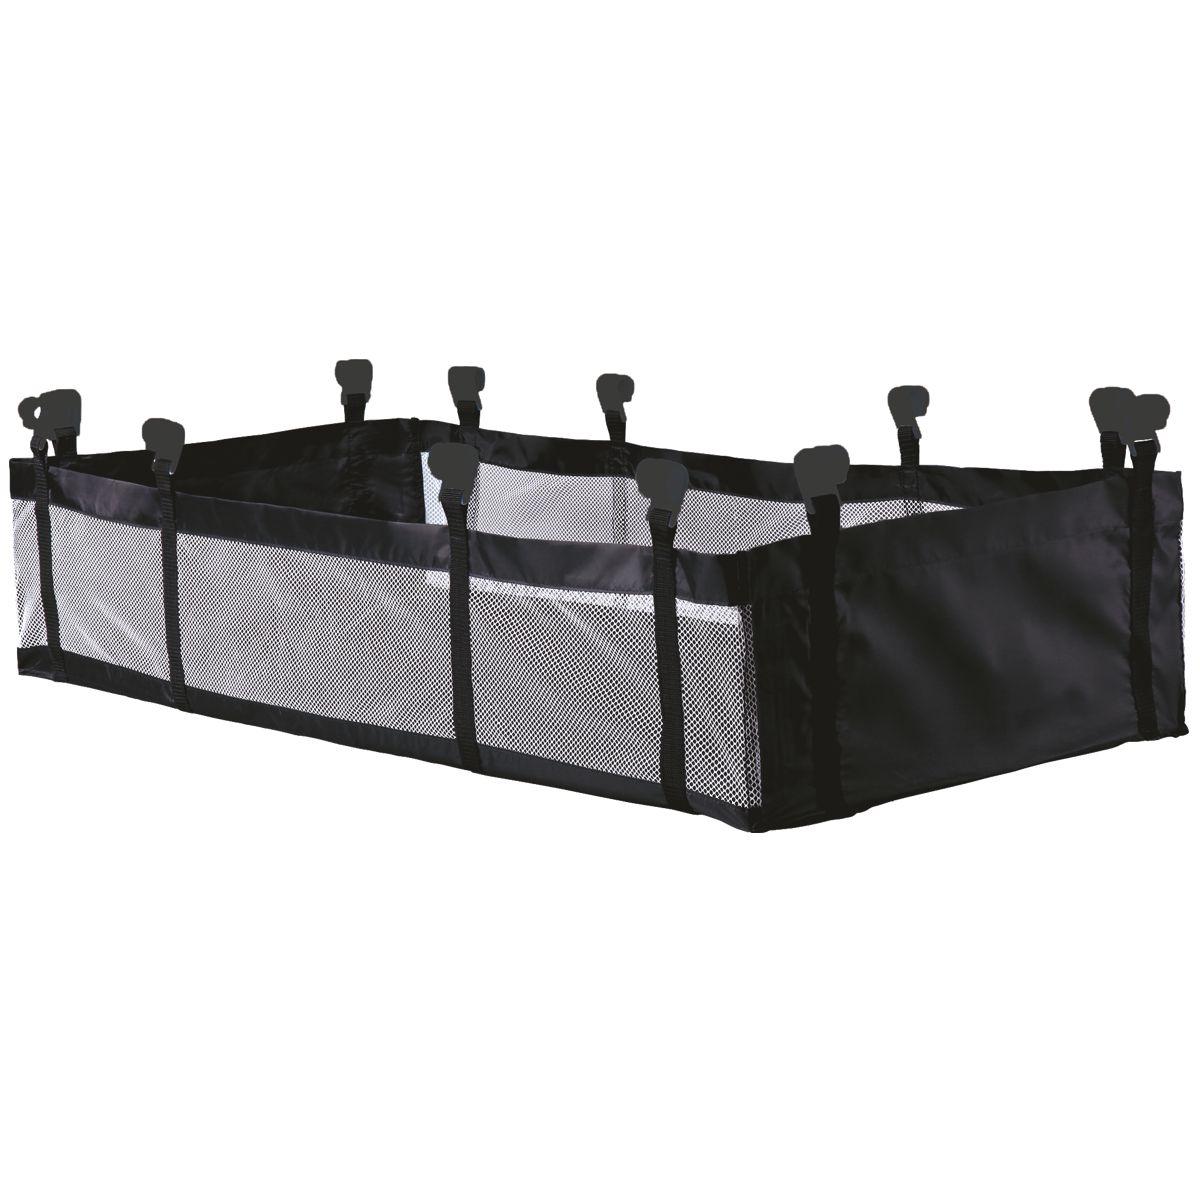 einhang einlage f r reisebett babybett kinderbett reisebetteinhang 120 x 60 cm ebay. Black Bedroom Furniture Sets. Home Design Ideas